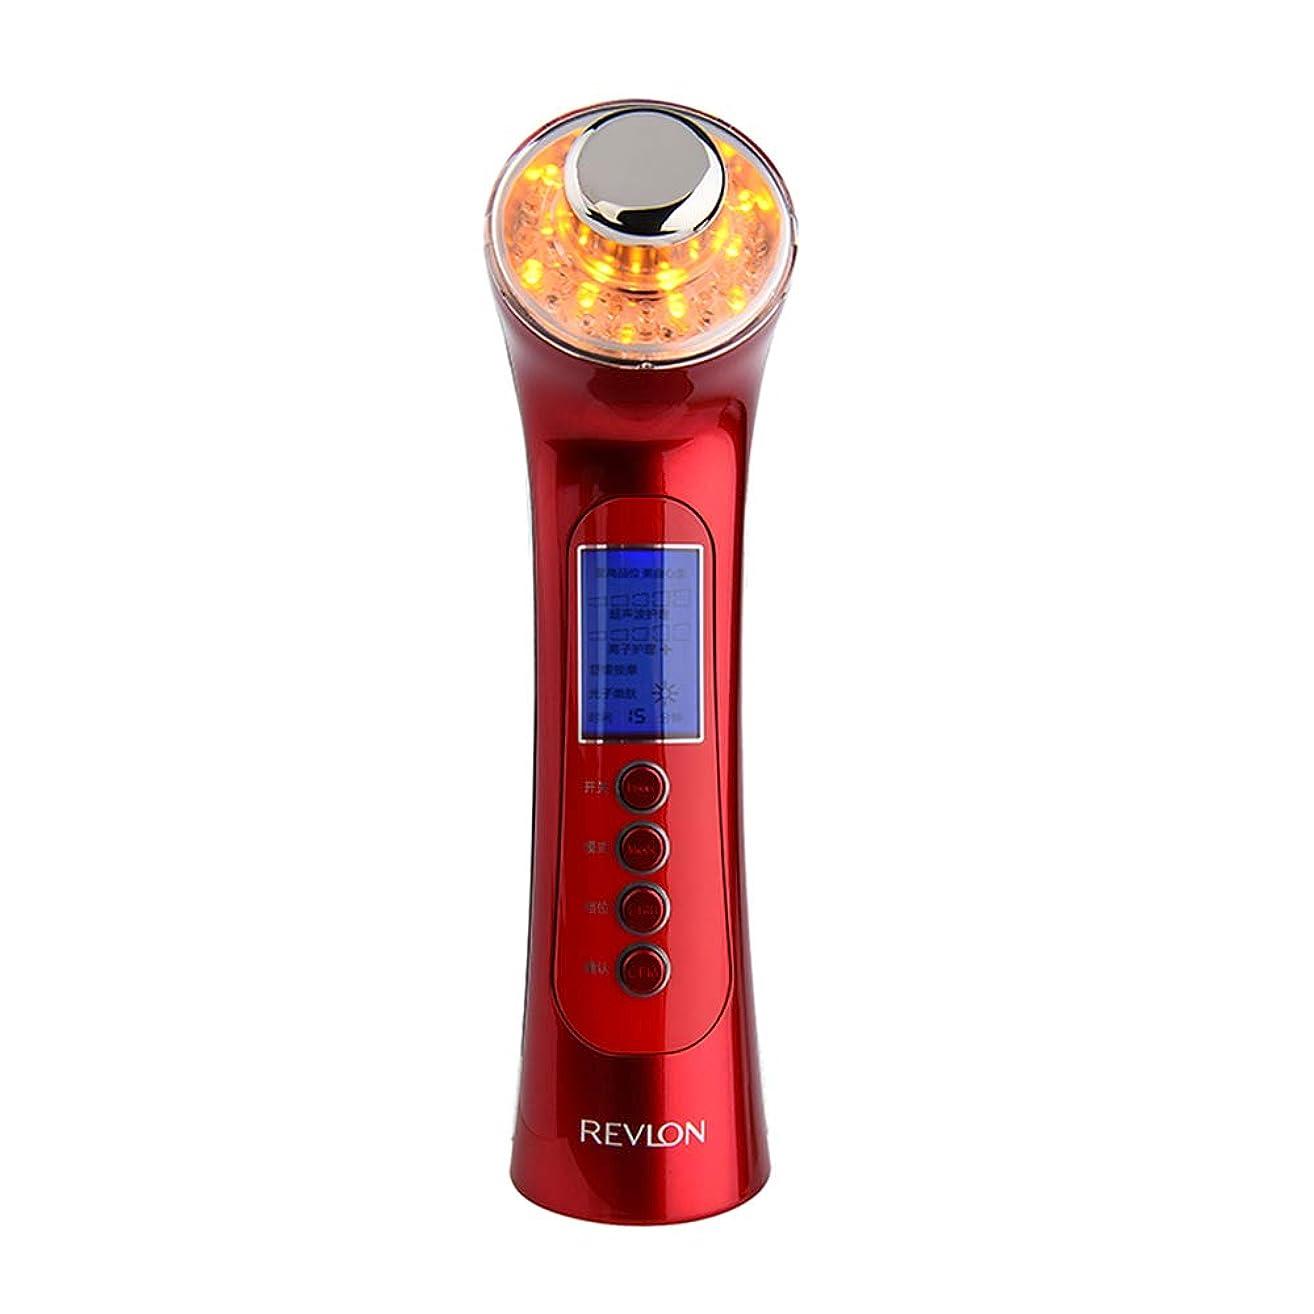 心配するネックレス威する肌を引き締め機、5に1で5洗顔マッサージマッサージマッサージャーで3色ライトディープクレンジングアンチエイジング多機能振動美容機器